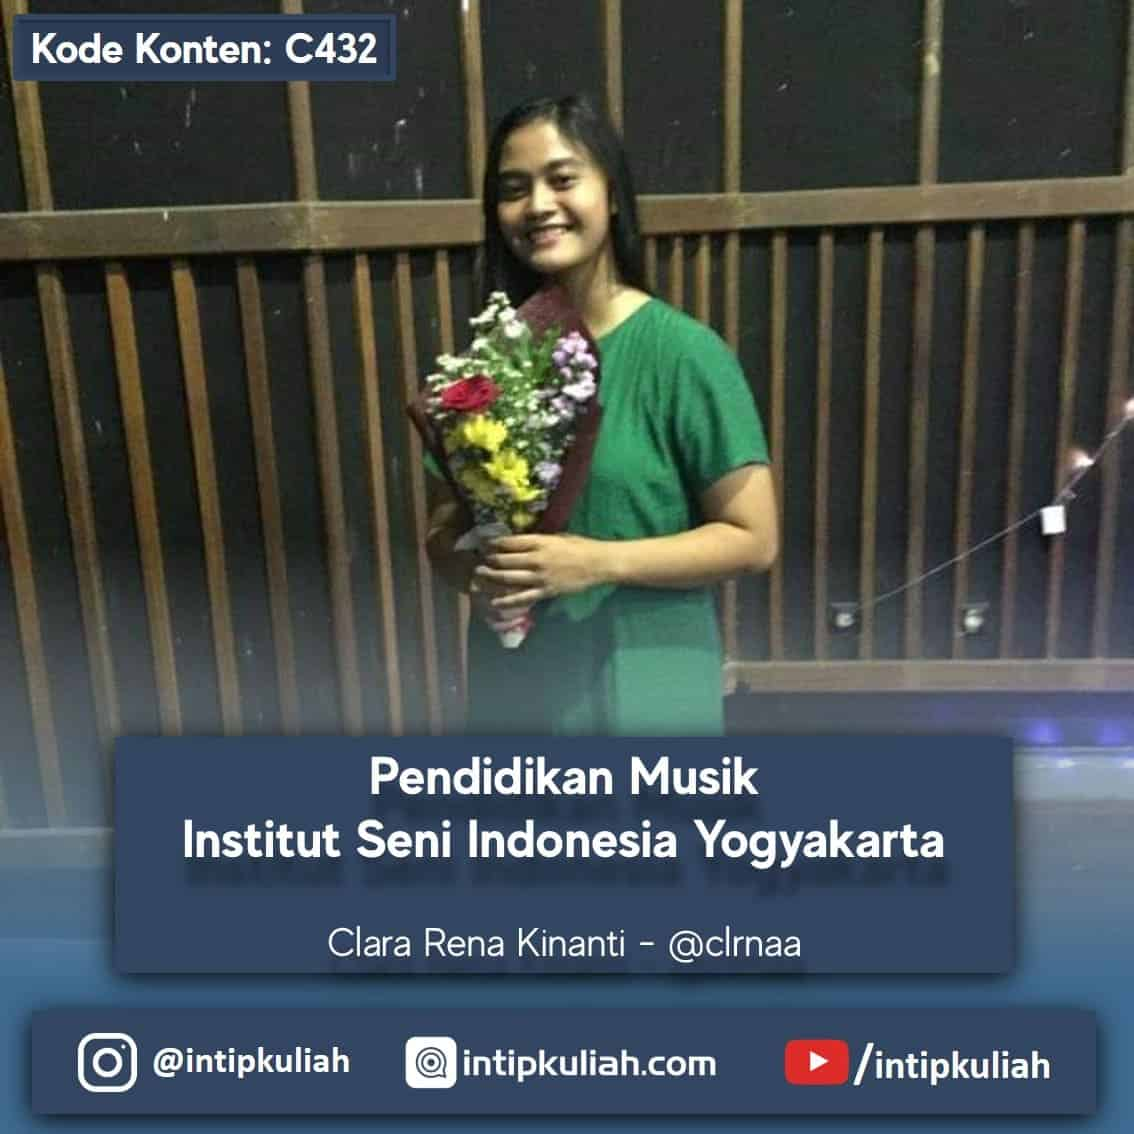 Pendidikan Musik Institut Seni Indonesia Yogyakarta (Rena)